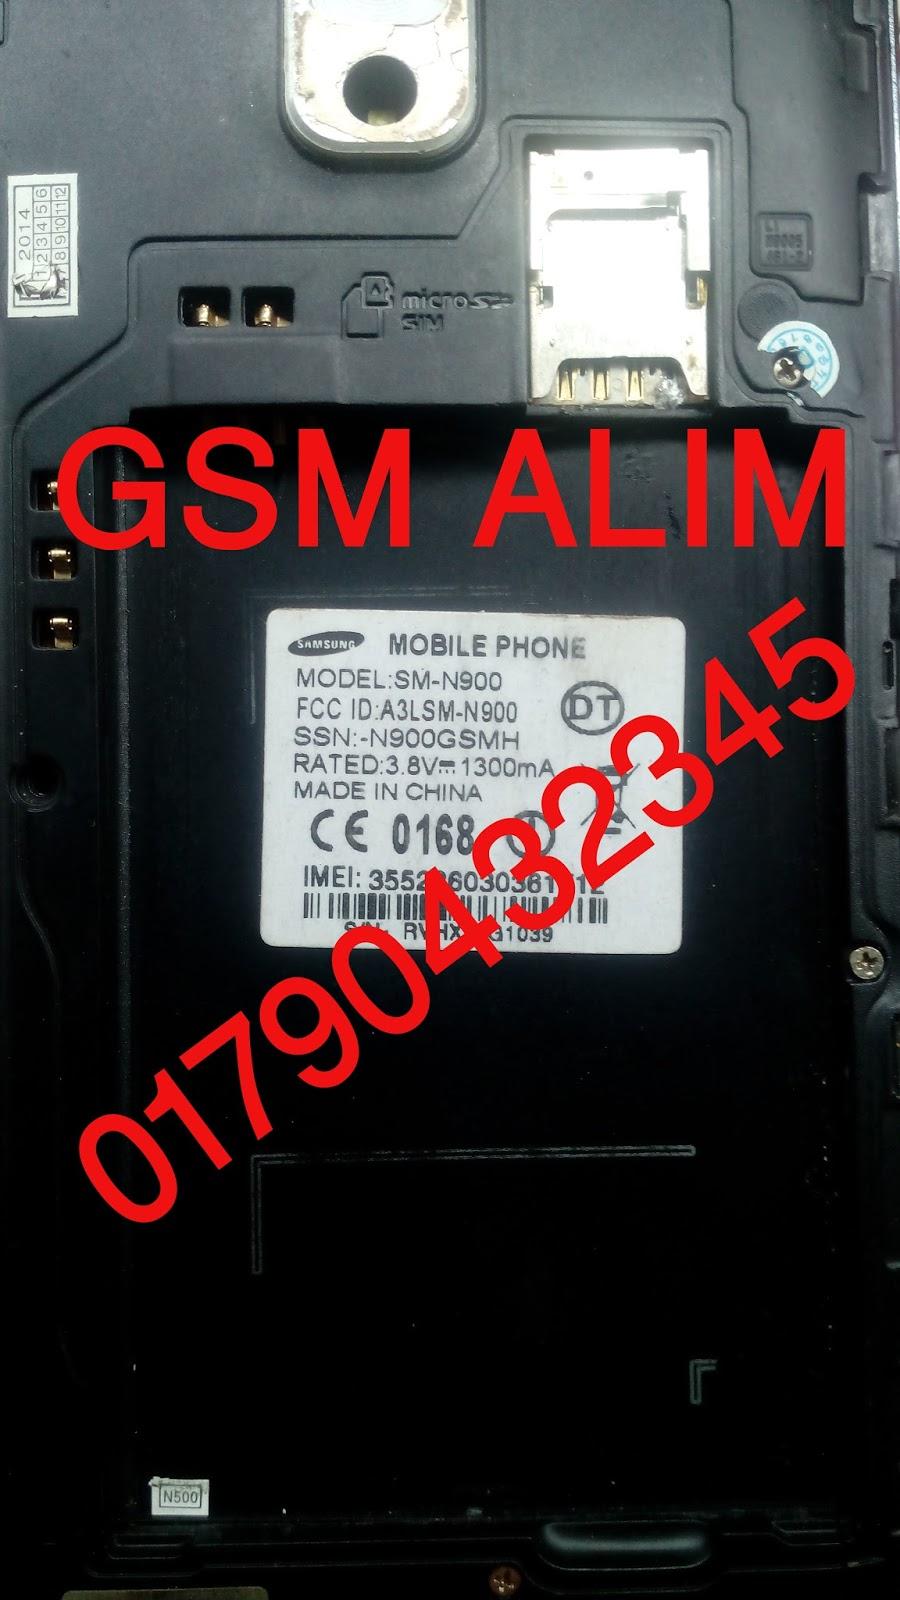 TANGAIL FLASH POINT: SAMSUNG GALAXY NOTE 3 SM-N900 CM2 READ